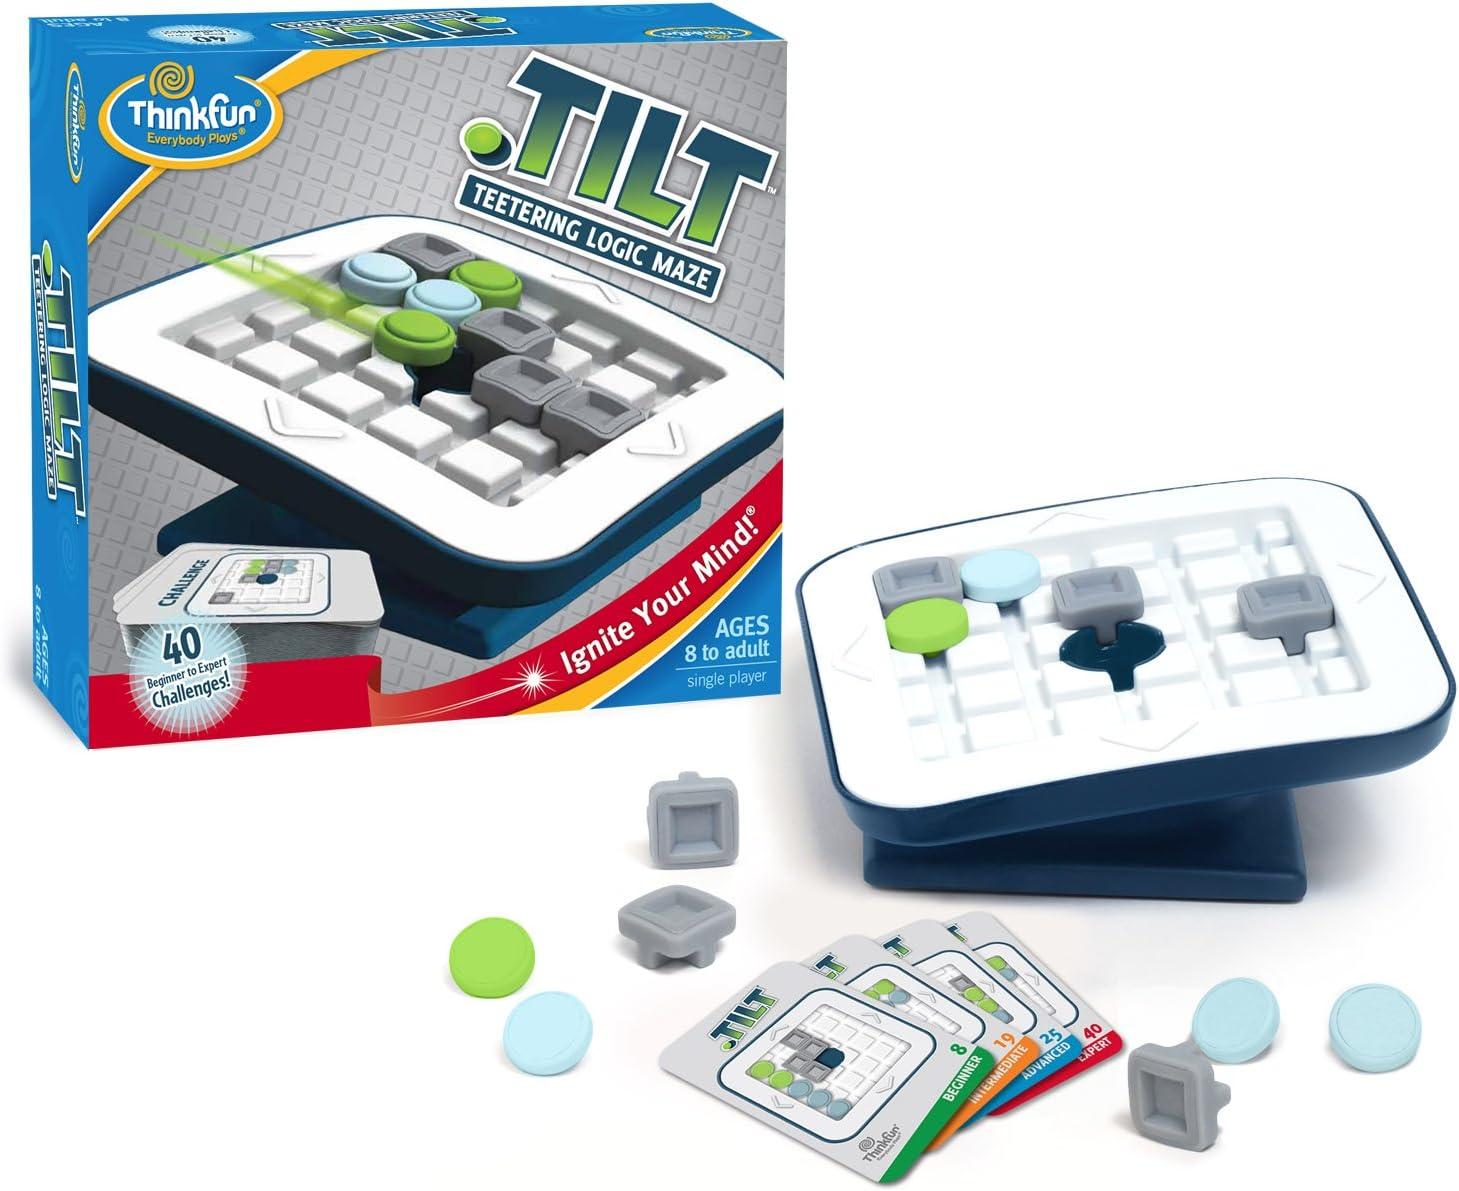 Think Fun - Tilt, Juego de Mesa en español (TF1001): Amazon.es: Juguetes y juegos